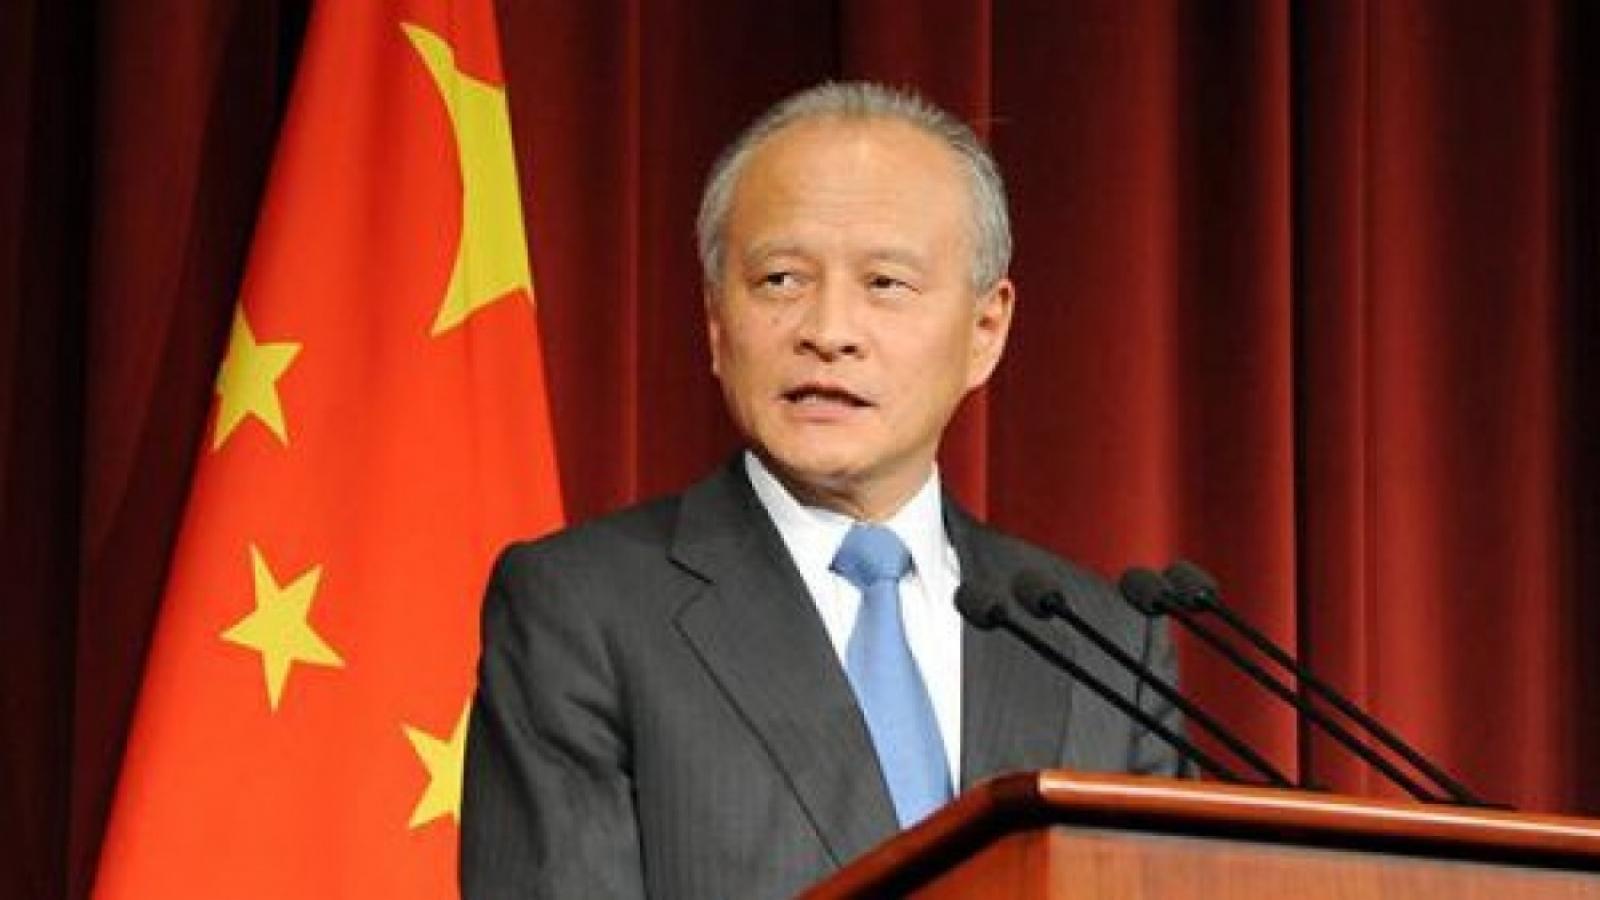 """Đại sứ Trung Quốc: """"Mục tiêu của chúng tôi không phải là thay thế Mỹ"""""""